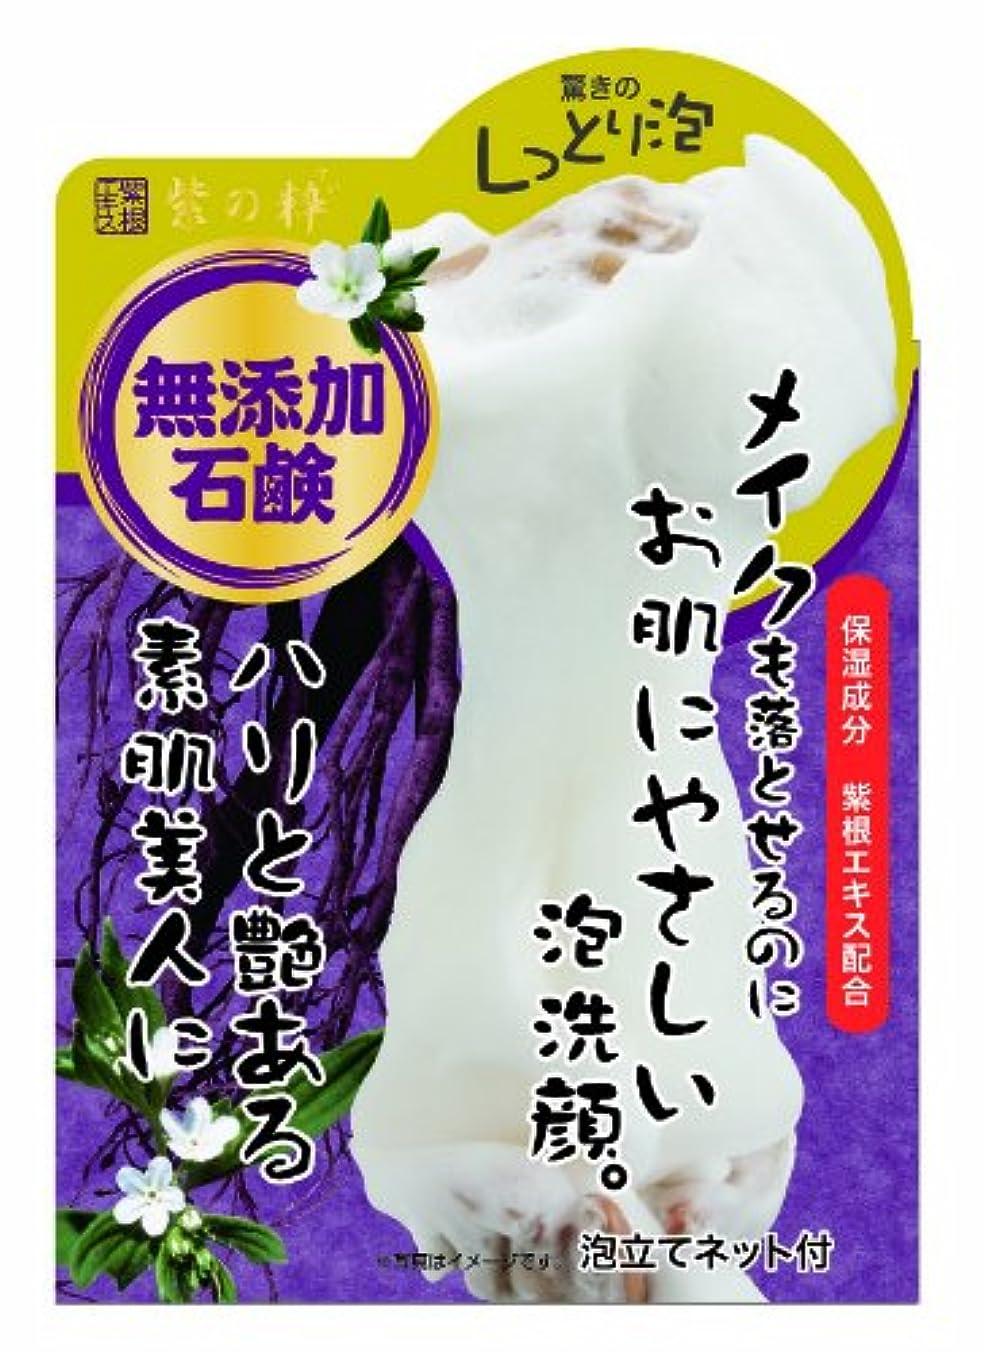 操作教本土紫の粋 メイクも落とせる洗顔石鹸N 100g